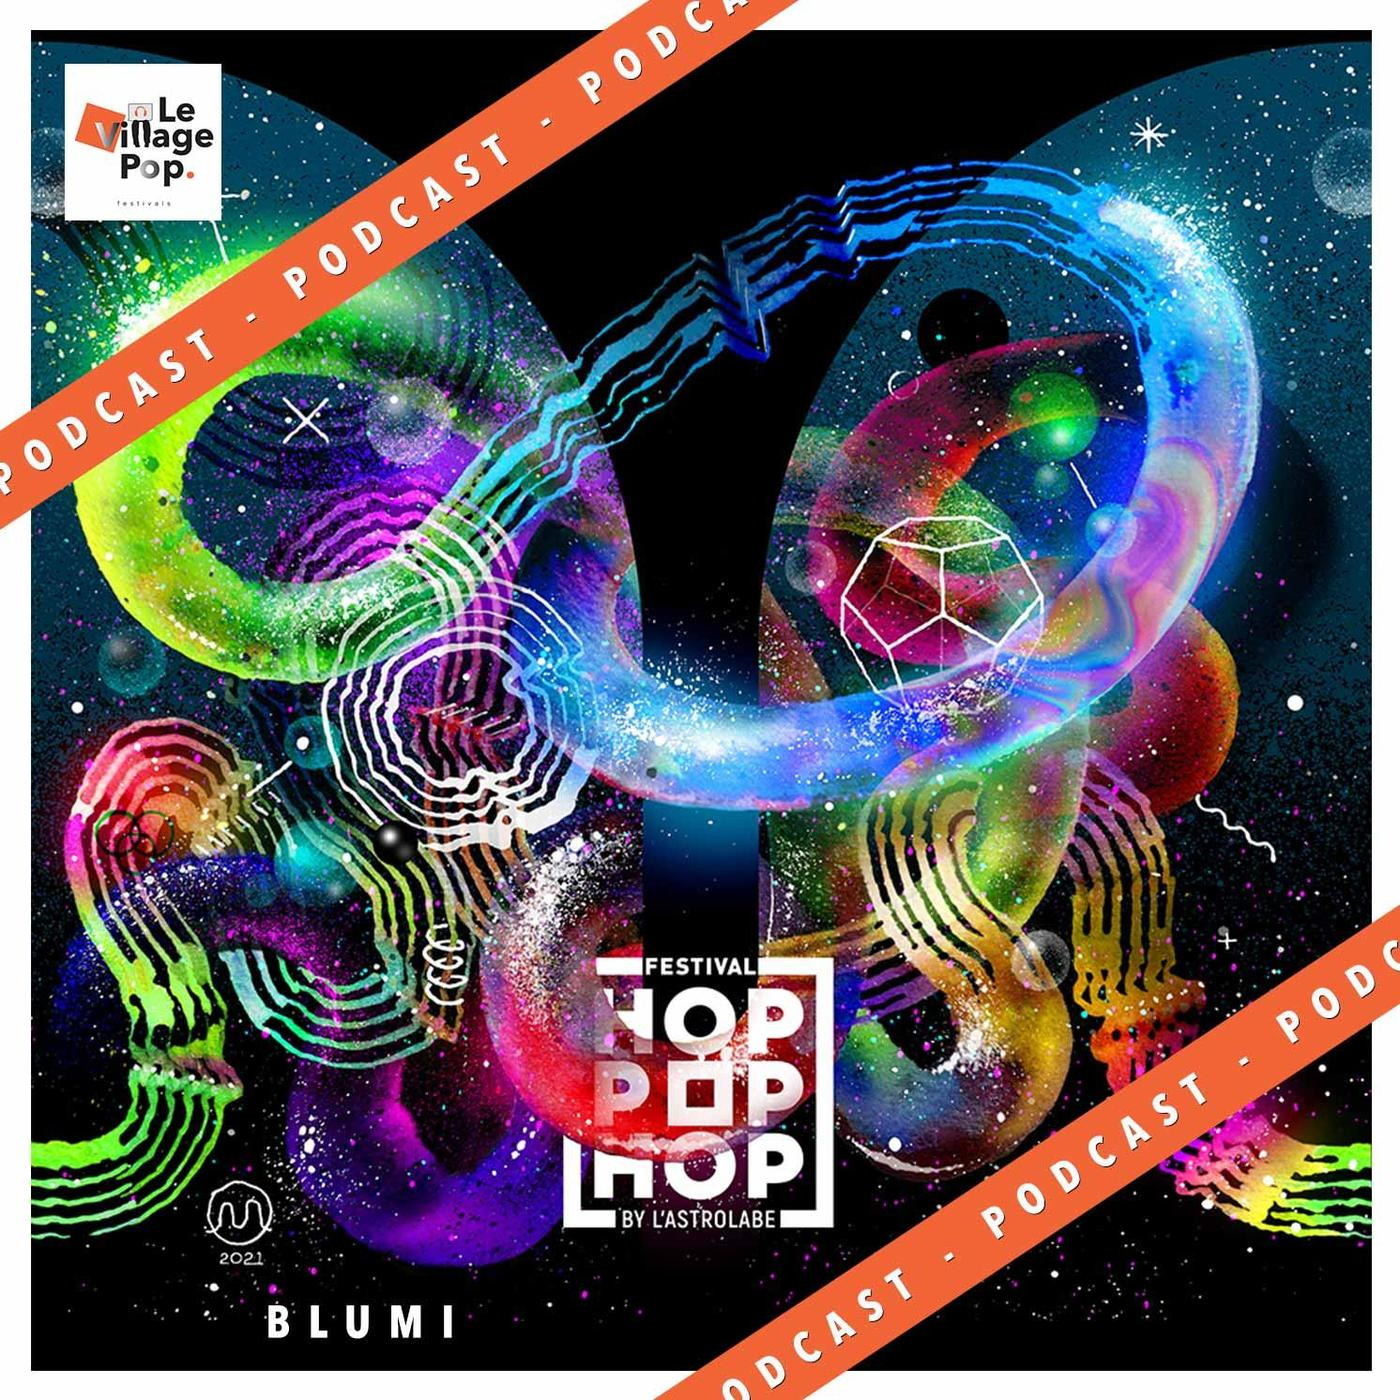 Festival HOP POP HOP 2021 - Blumi